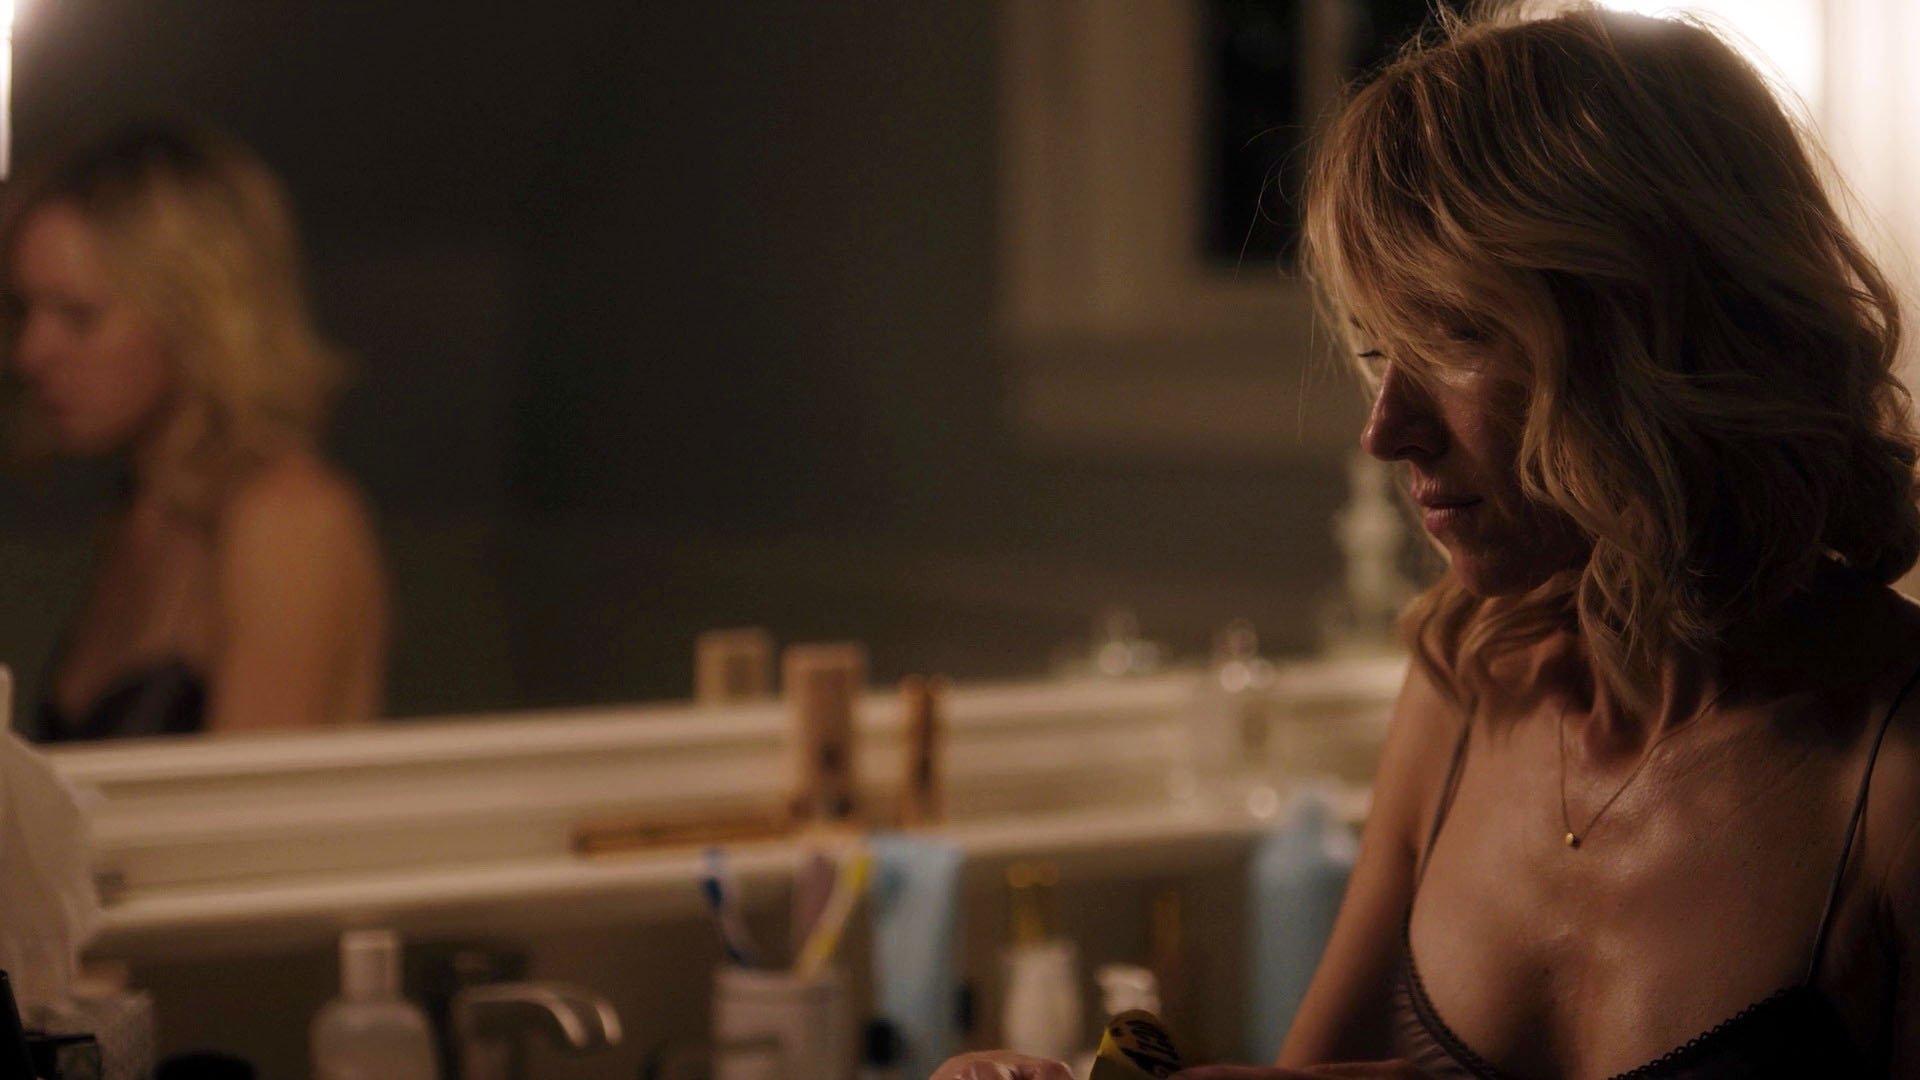 Fibie thunderman nue sexe porno